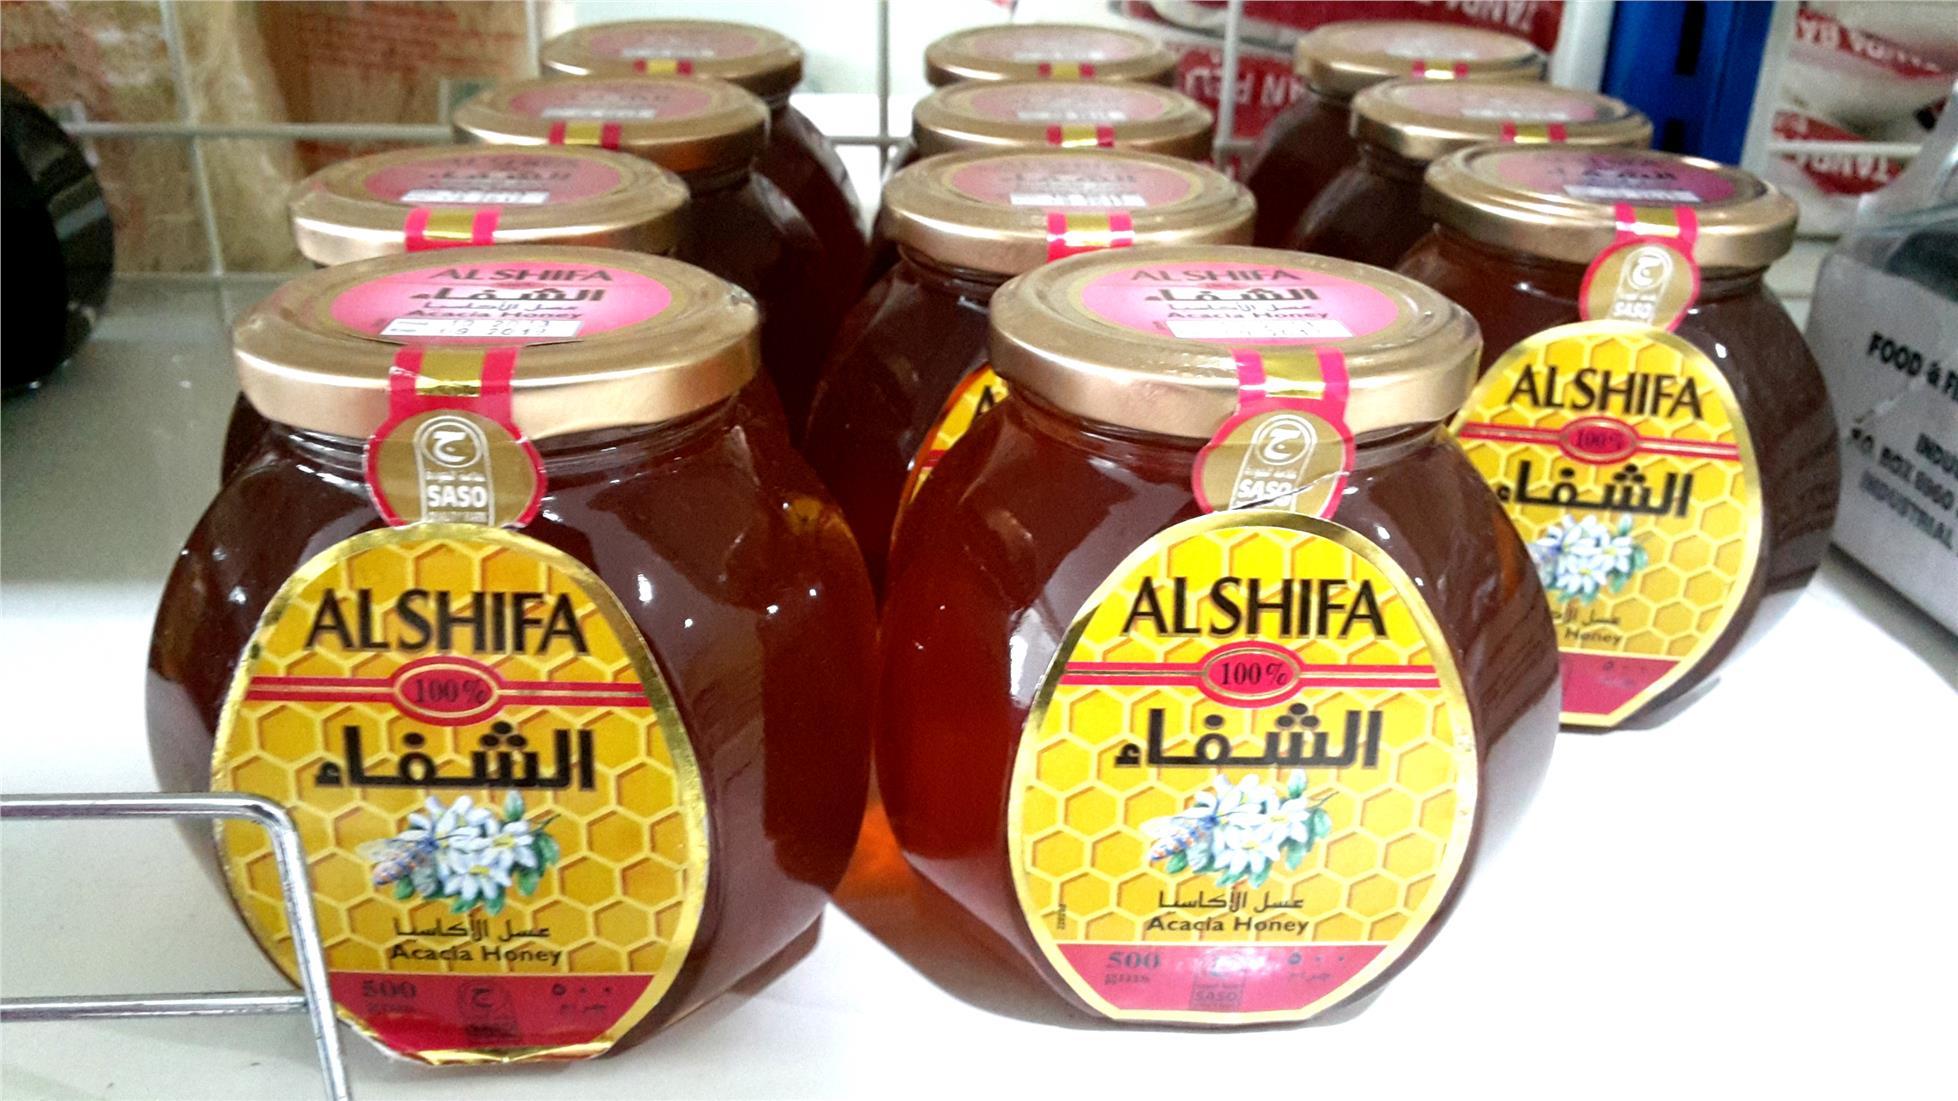 Al Shifa 100 Honey Madu Asli Ac End 12 22 2018 1054 Pm 500gr Arab Original Acada